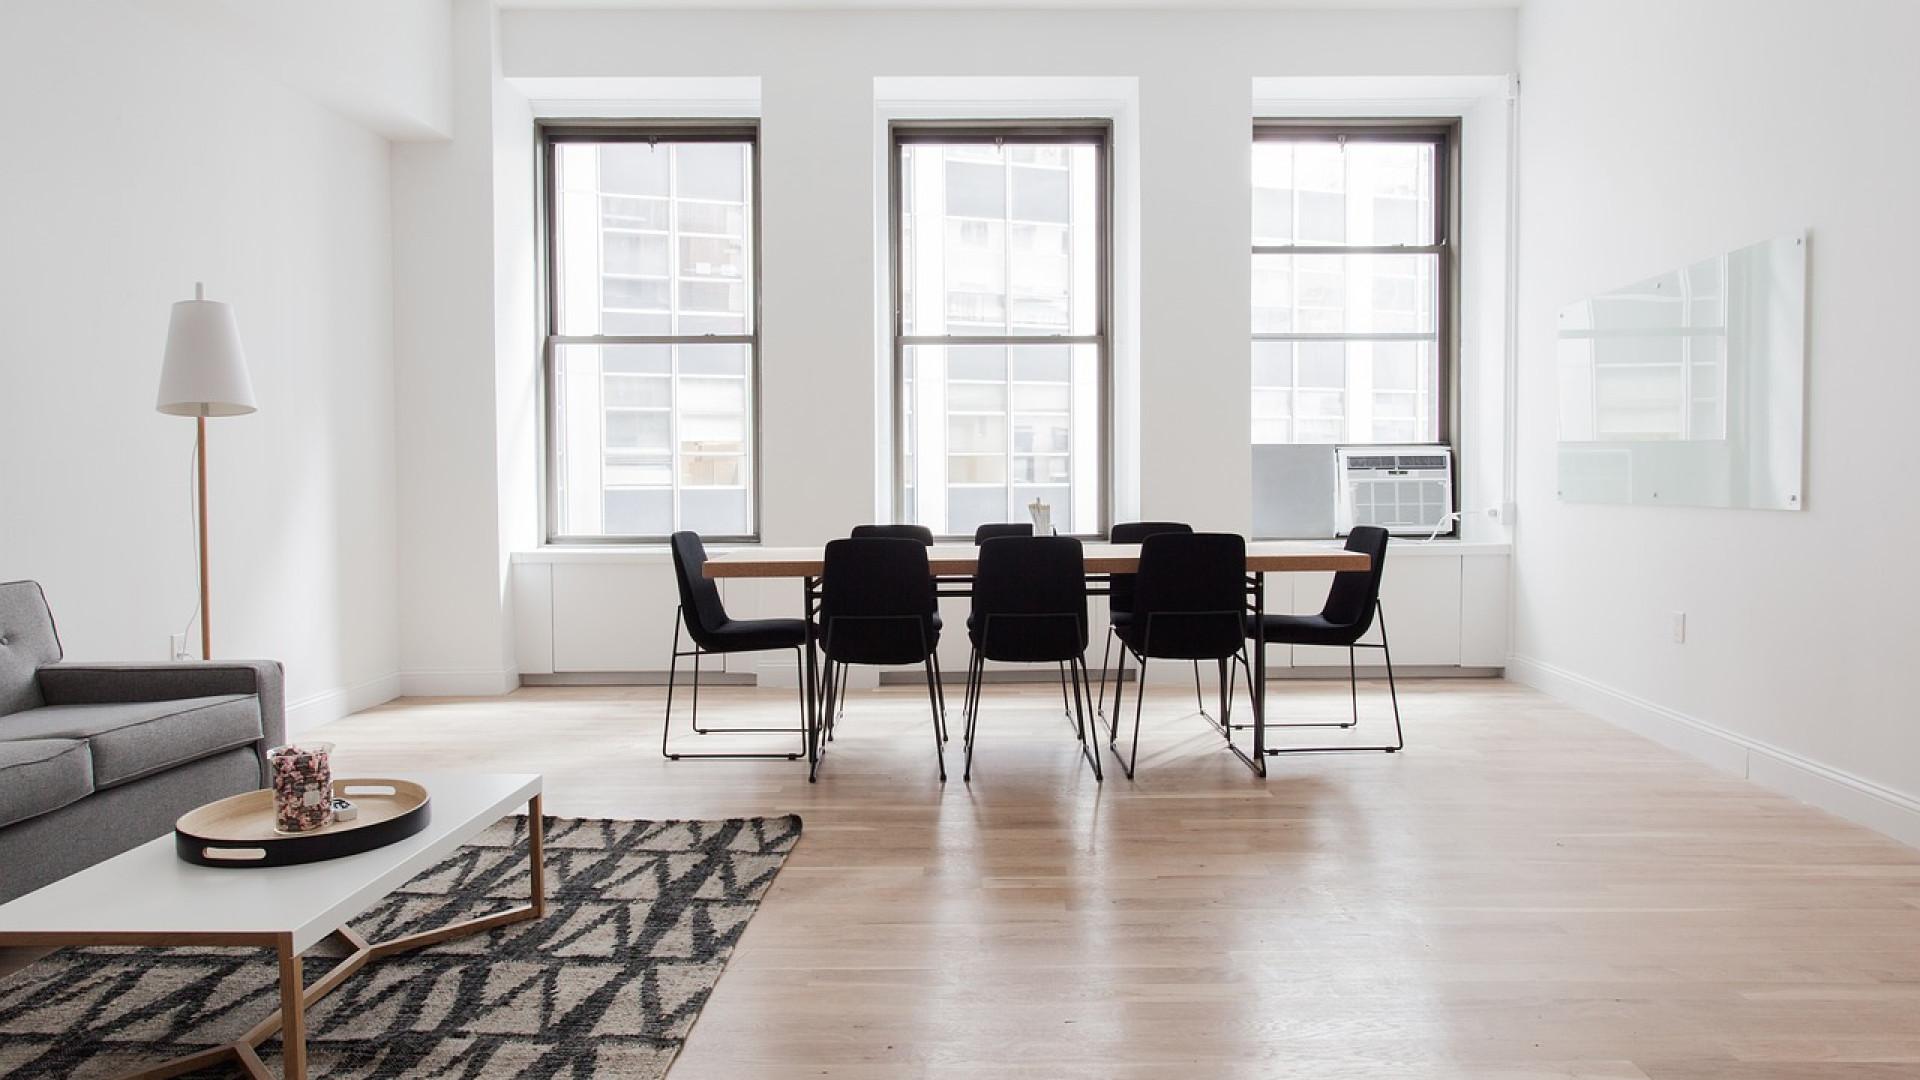 Choisissez une table ronde pliante pour vos salles des fêtes